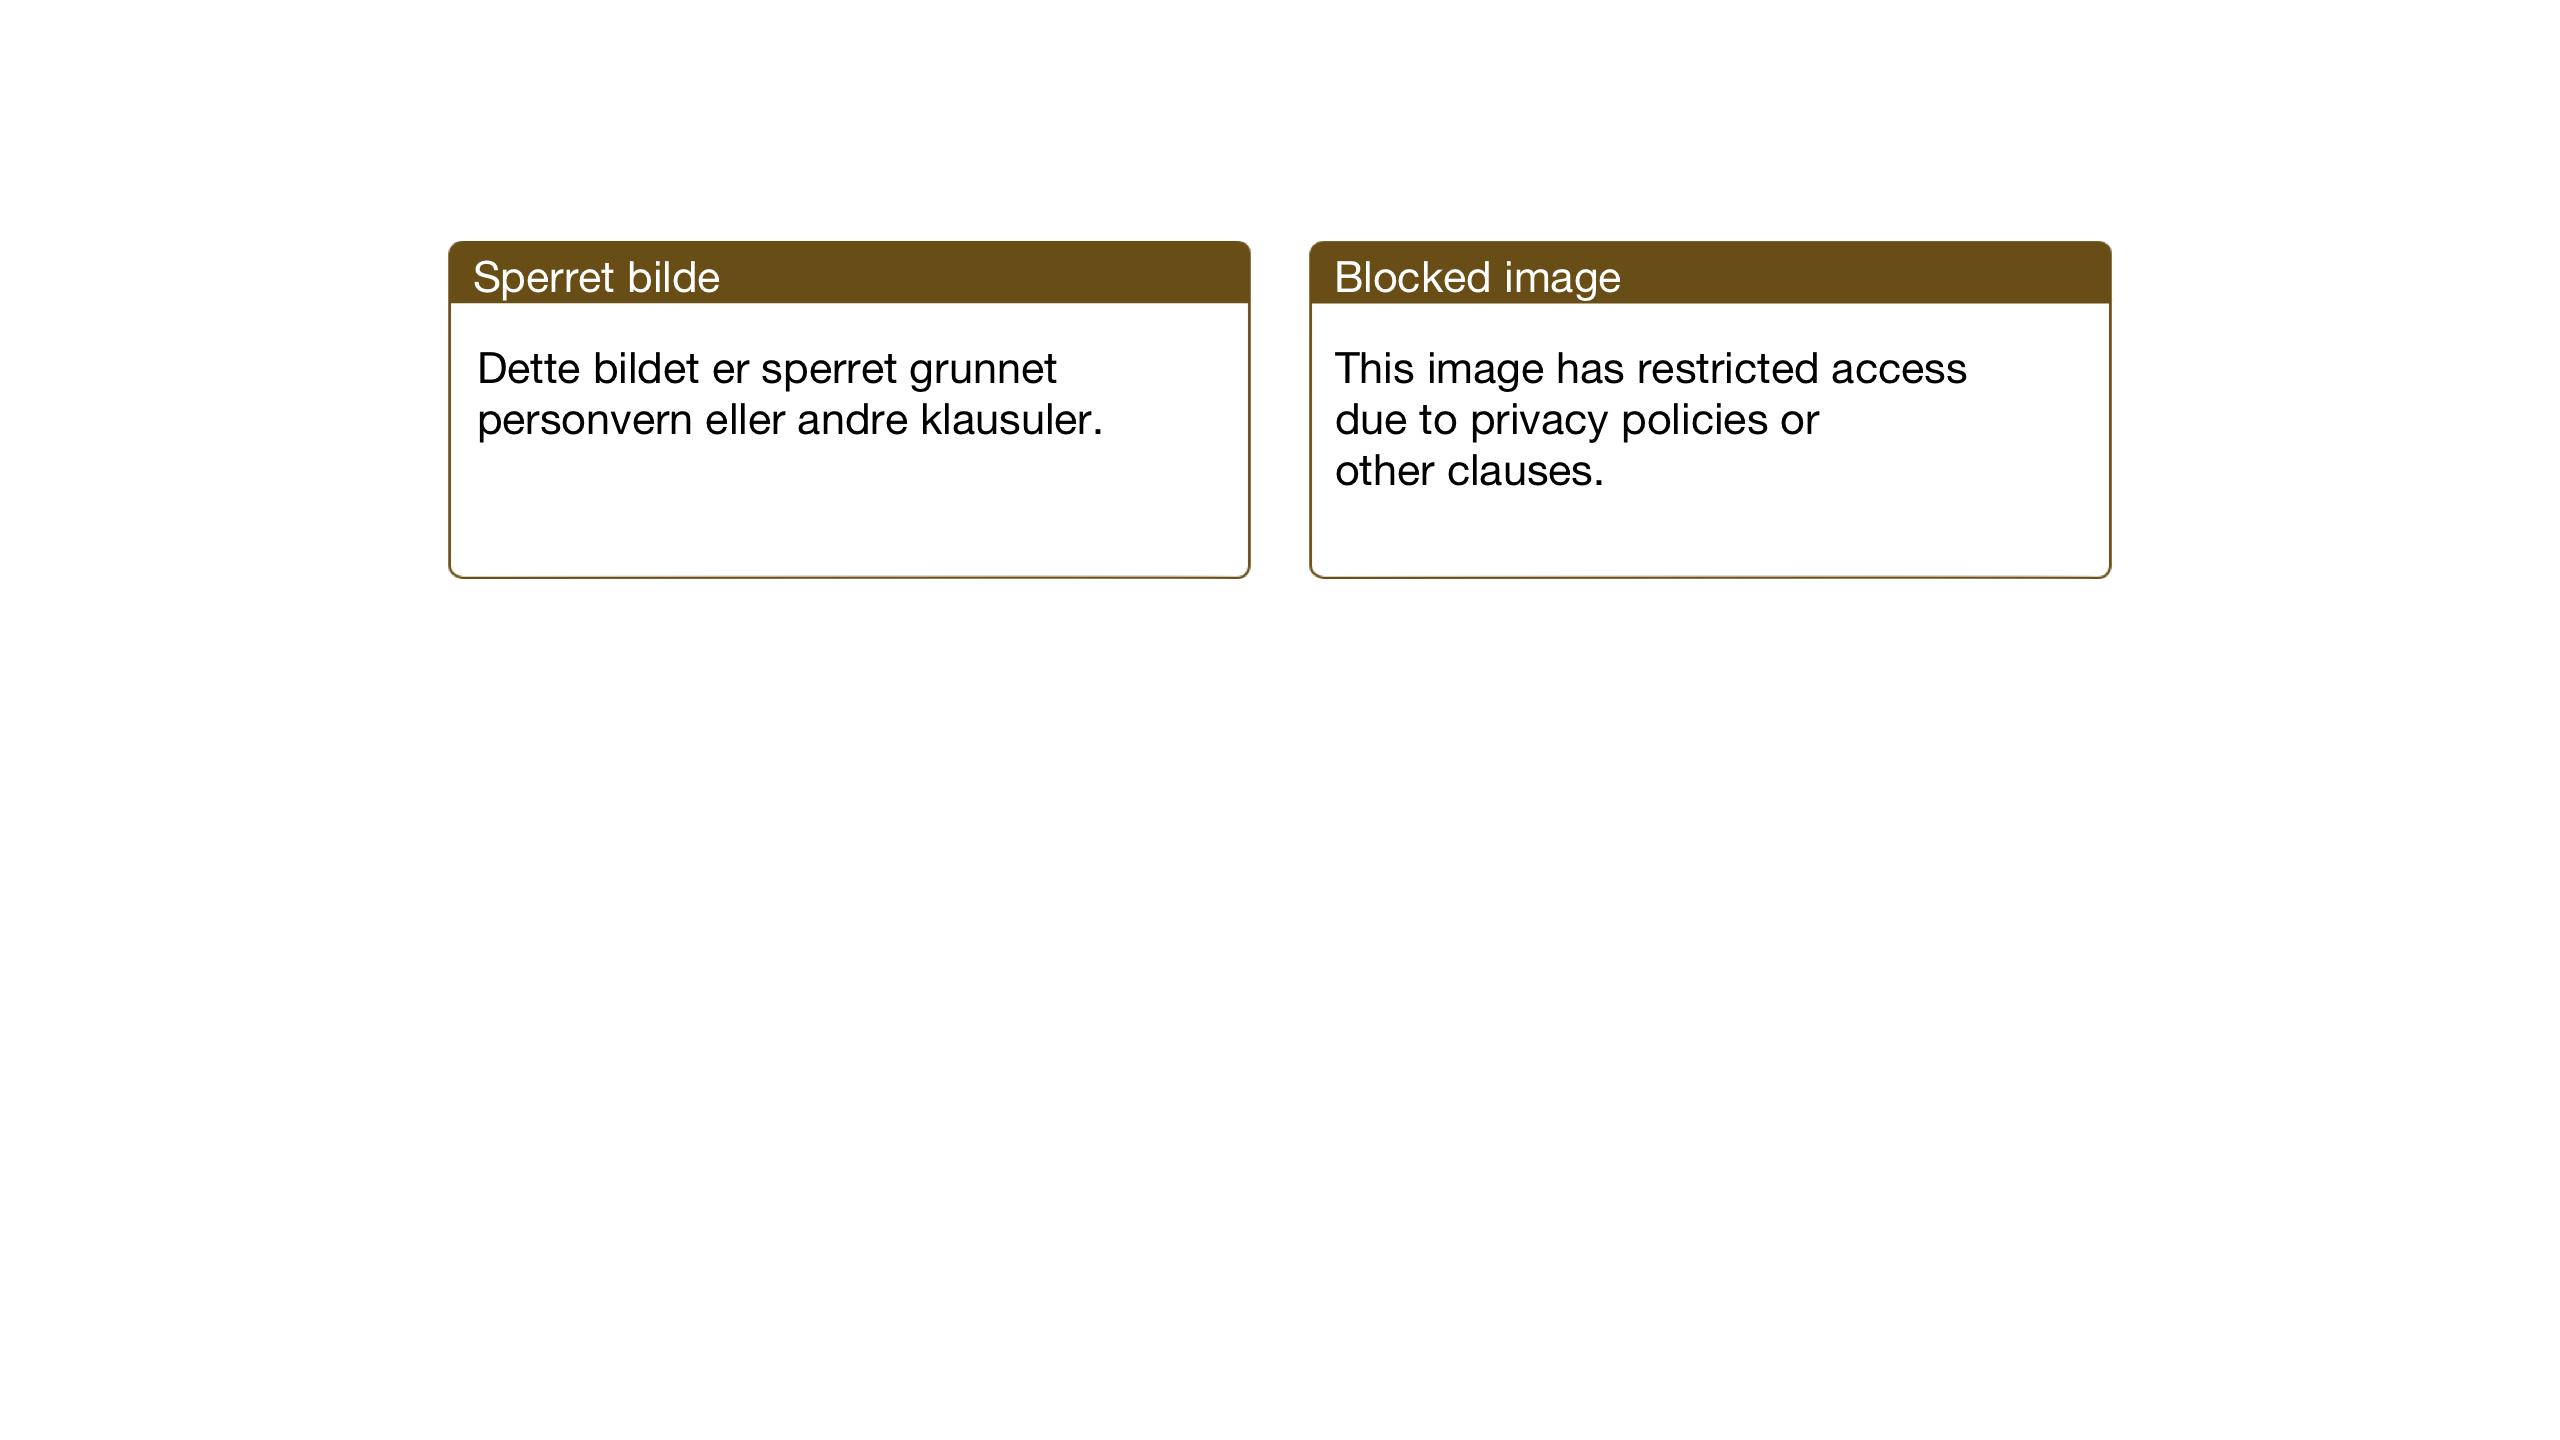 SAT, Ministerialprotokoller, klokkerbøker og fødselsregistre - Nord-Trøndelag, 747/L0460: Klokkerbok nr. 747C02, 1908-1939, s. 33